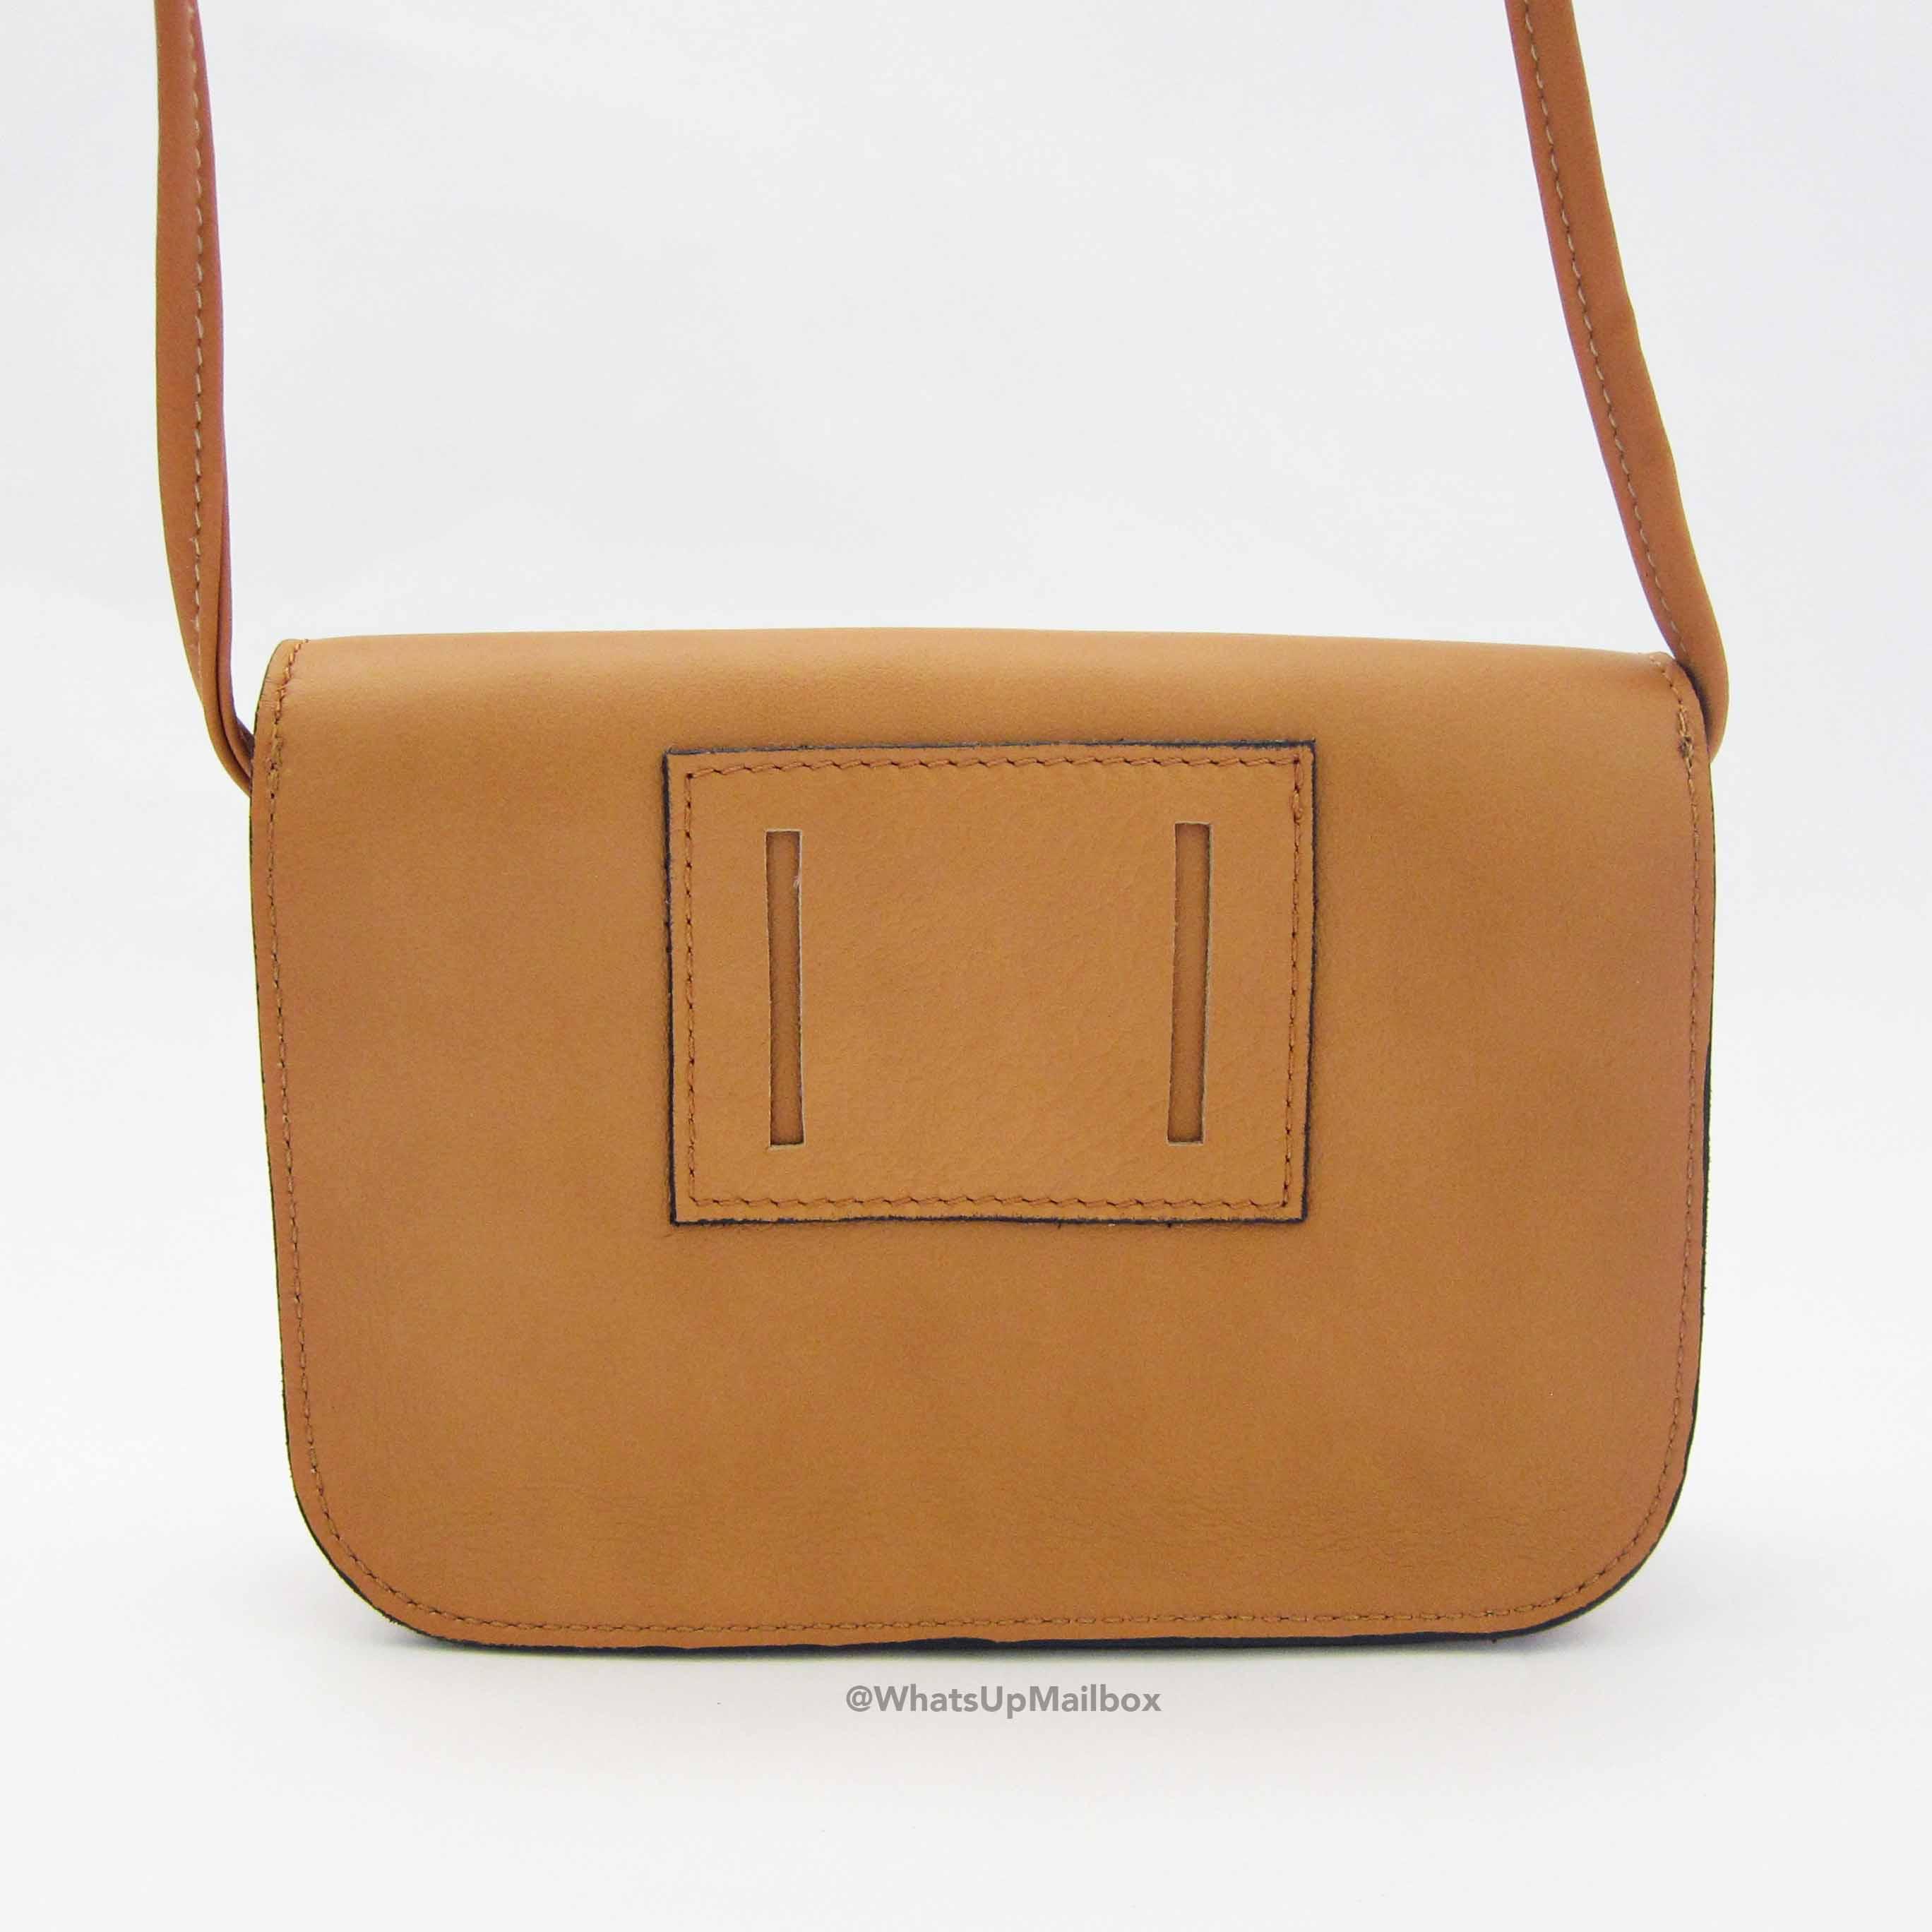 1951 Maison Francaise Besace Bag Camel